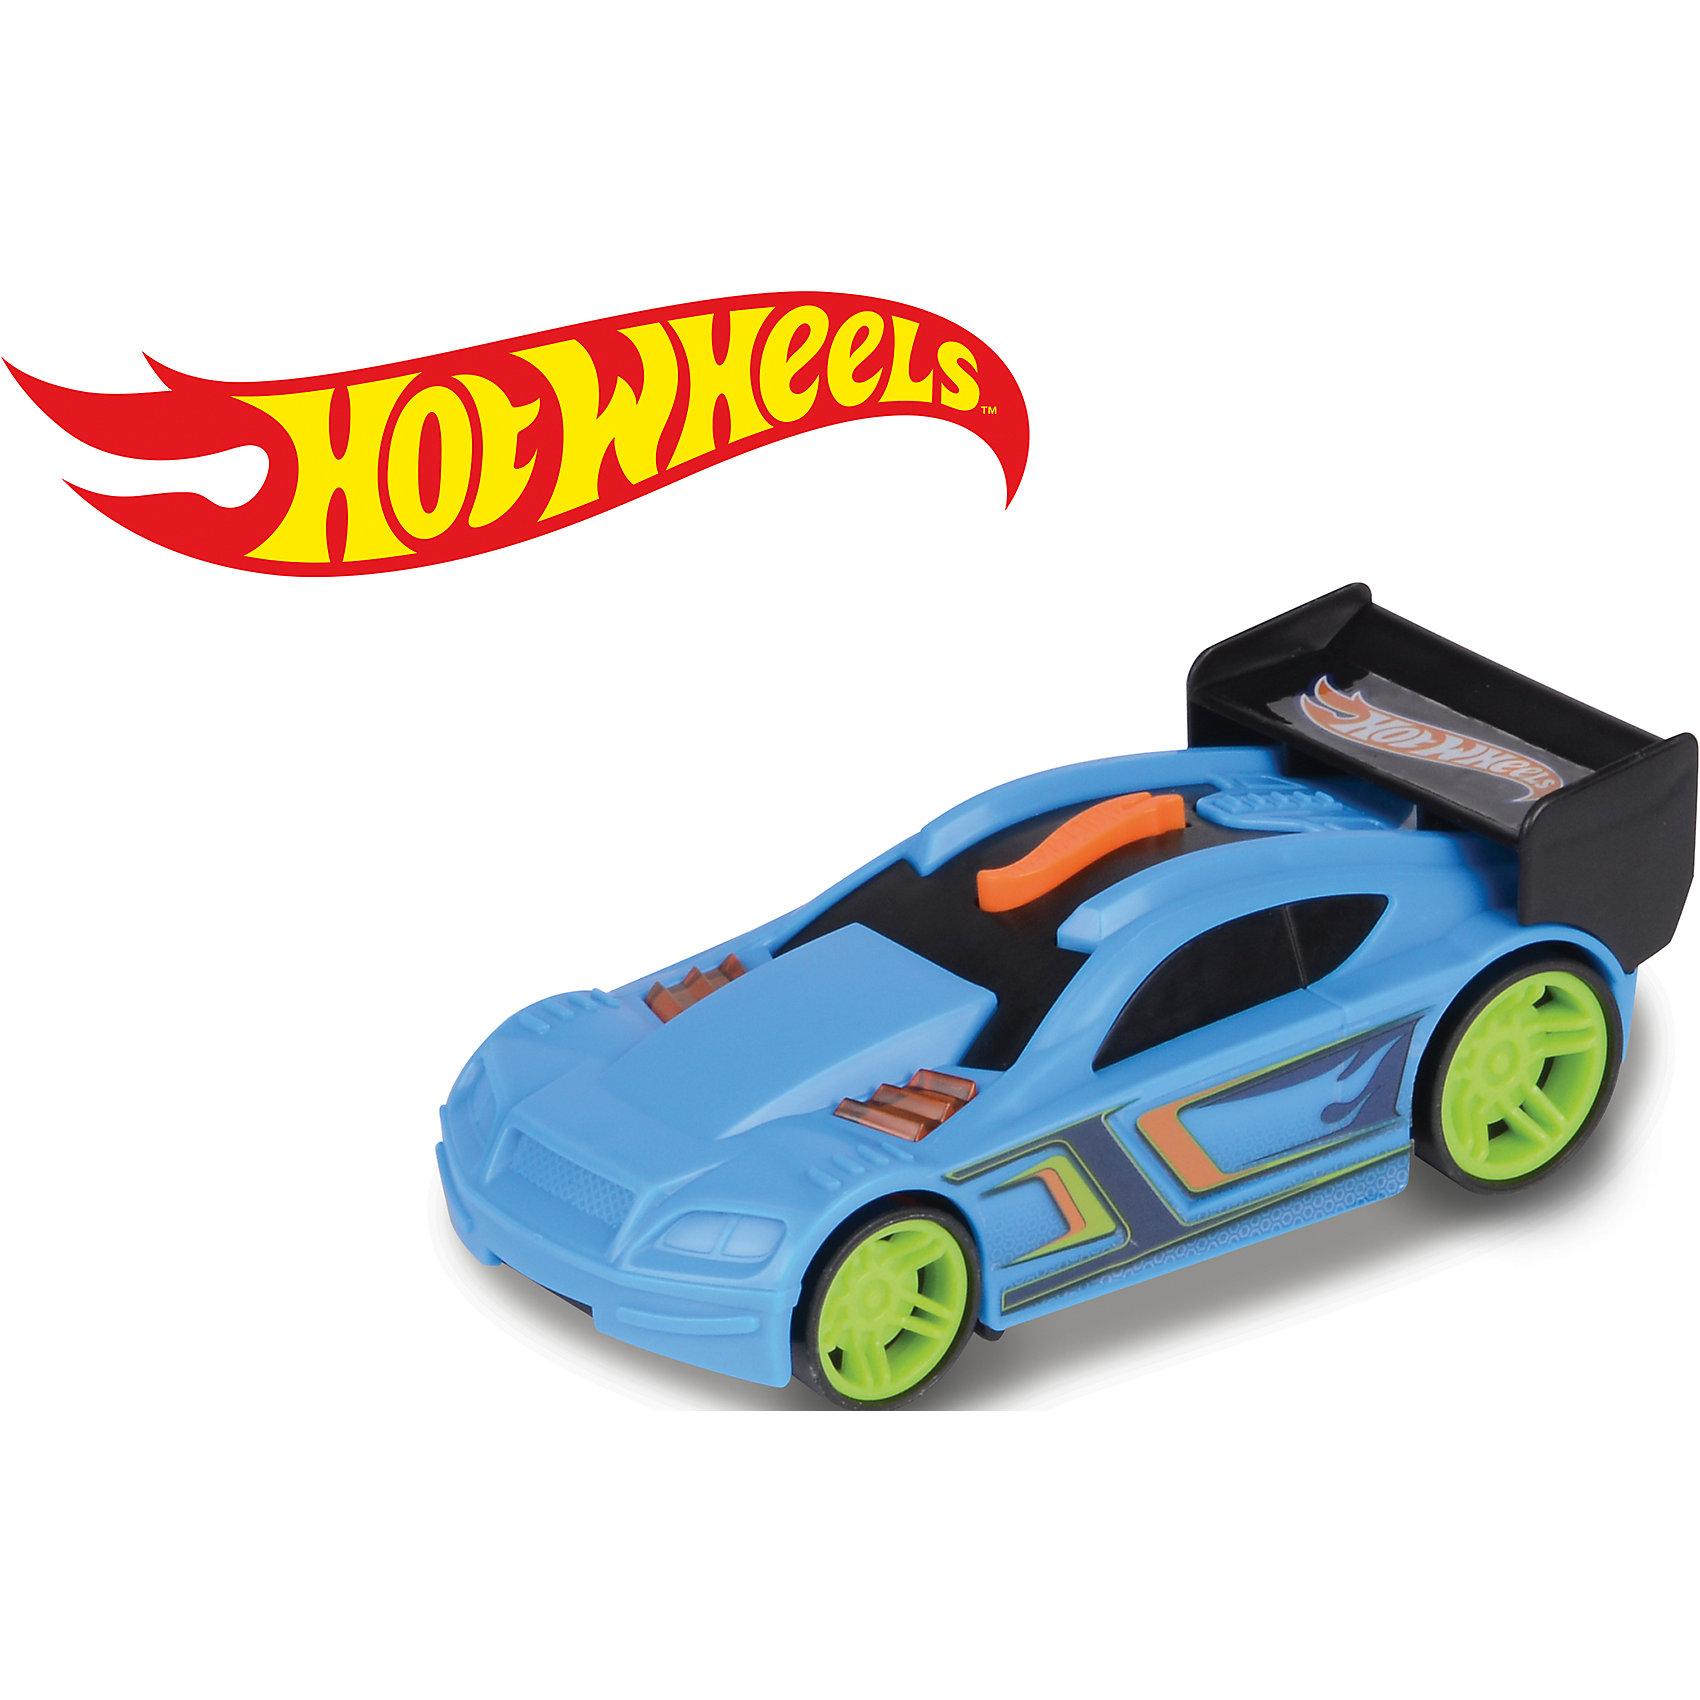 Машинка на батарейках, голубая, 13 см, Hot WheelsПопулярные игрушки<br>Характеристики товара:<br><br>- цвет: голубой;<br>- материал: пластик;<br>- особенности: на батарейках, со звуковыми и световыми эффектами;<br>- вес: 100 г;<br>- размер упаковки: 9х6х15;<br>- батарейки: демонстрационные в комплекте;<br>- размер машинки: 13 см.<br><br>Какой мальчишка откажется поиграть с коллекционной машинкой Hot Wheels, которая выглядит как настоящая?! Машинка очень эффектно смотрится, она запускается нажатием кнопки. Игрушка отлично детализирована, очень качественно выполнена, поэтому она станет отличным подарком ребенку. Продается в красивой упаковке.<br>Изделия произведены из высококачественного материала, безопасного для детей.<br><br>Машинку на батарейках Hot Wheels можно купить в нашем интернет-магазине.<br><br>Ширина мм: 60<br>Глубина мм: 90<br>Высота мм: 150<br>Вес г: 100<br>Возраст от месяцев: 36<br>Возраст до месяцев: 2147483647<br>Пол: Мужской<br>Возраст: Детский<br>SKU: 5066731